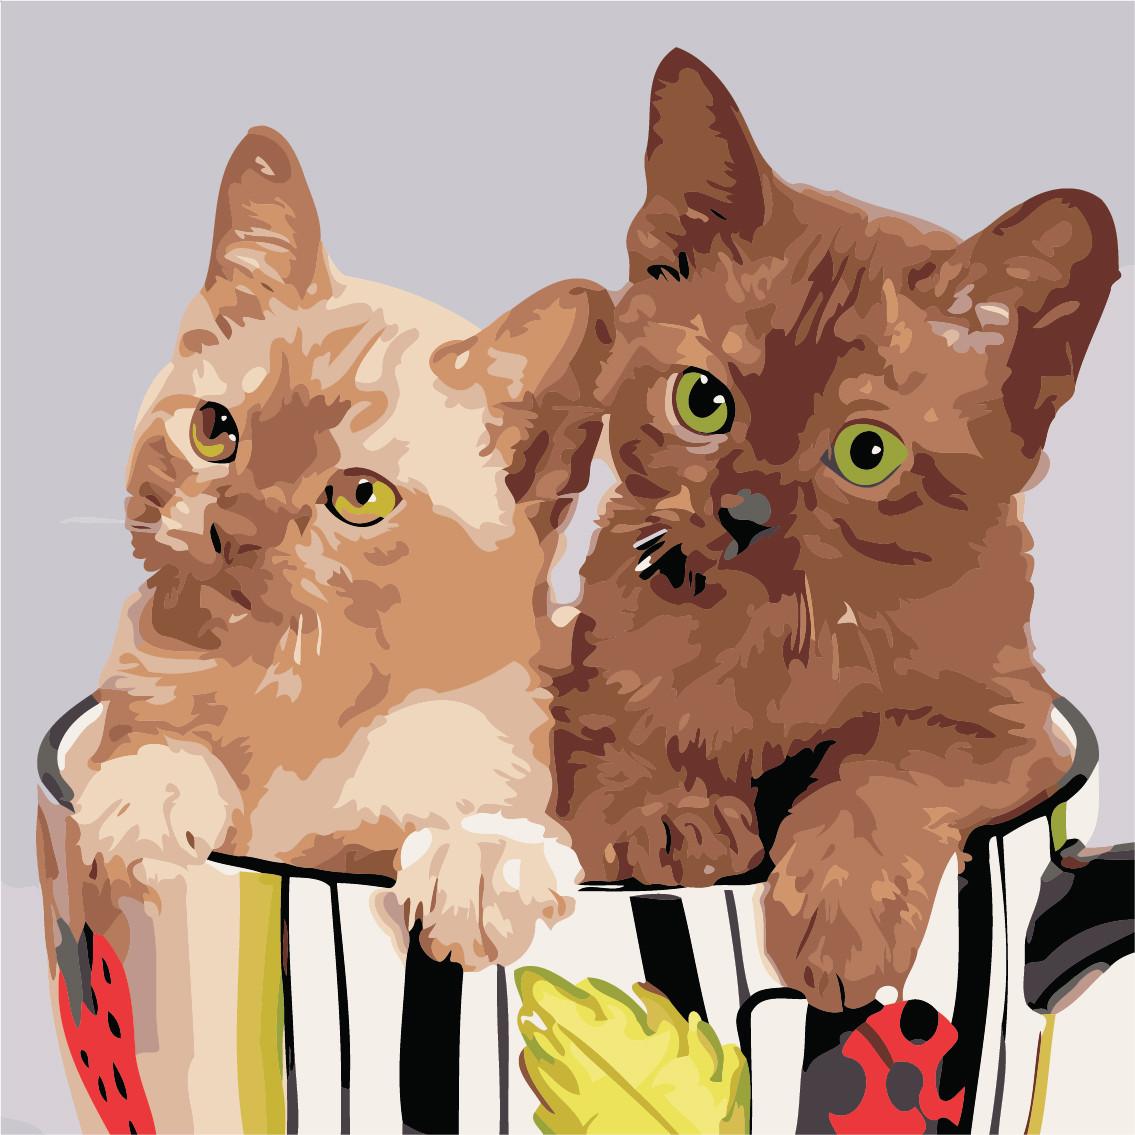 Художественный творческий набор, картина по номерам Коты в чашке, 40x40 см, «Art Story» (AS0501)